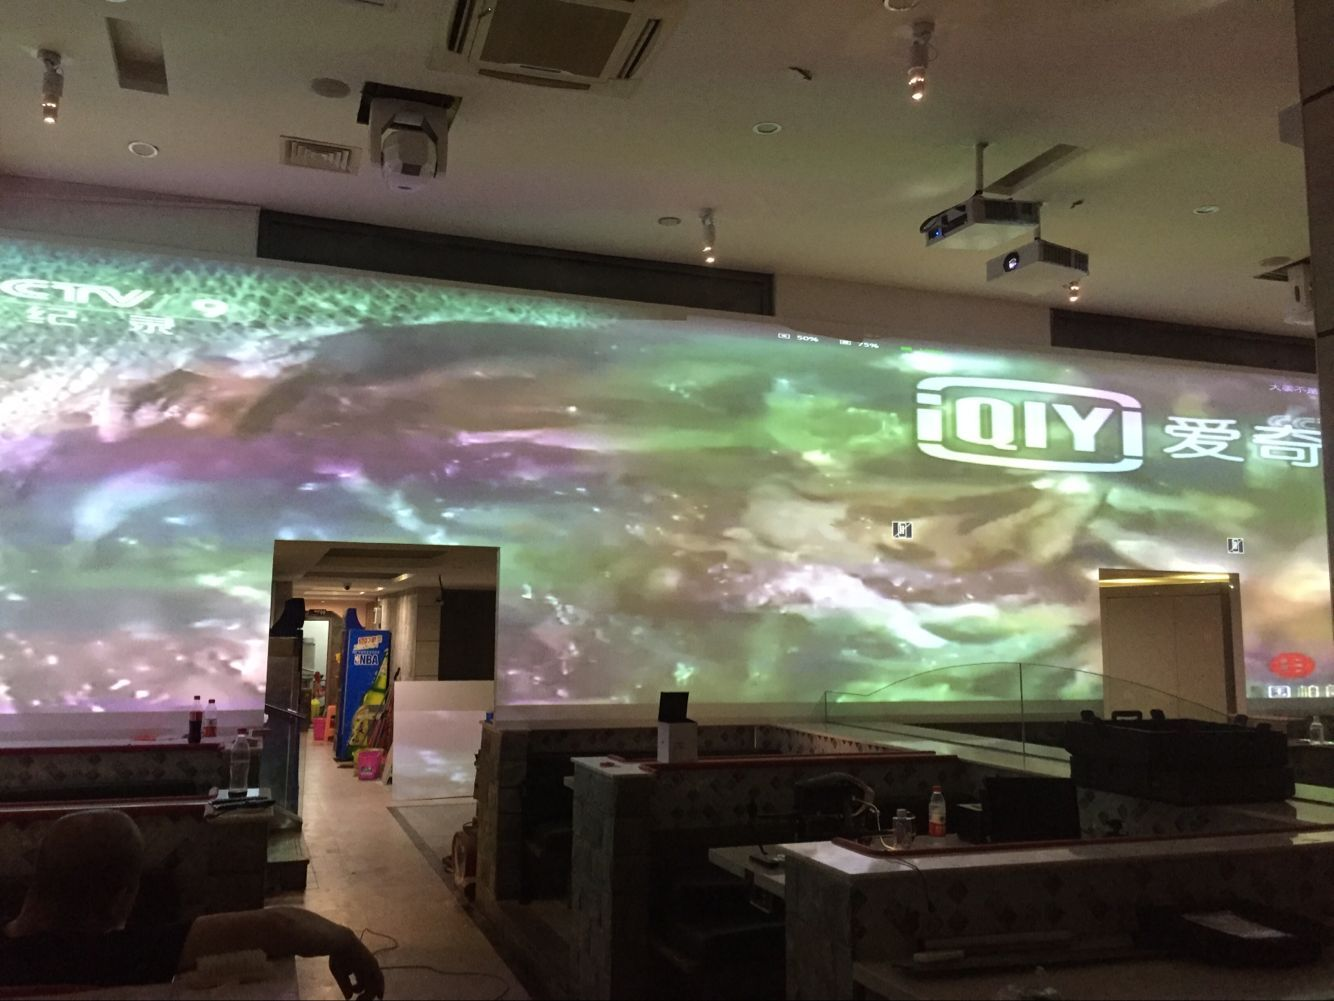 广东大型光影餐厅哪里好 上海音维电子科技供应「上海音维电子科技供应」